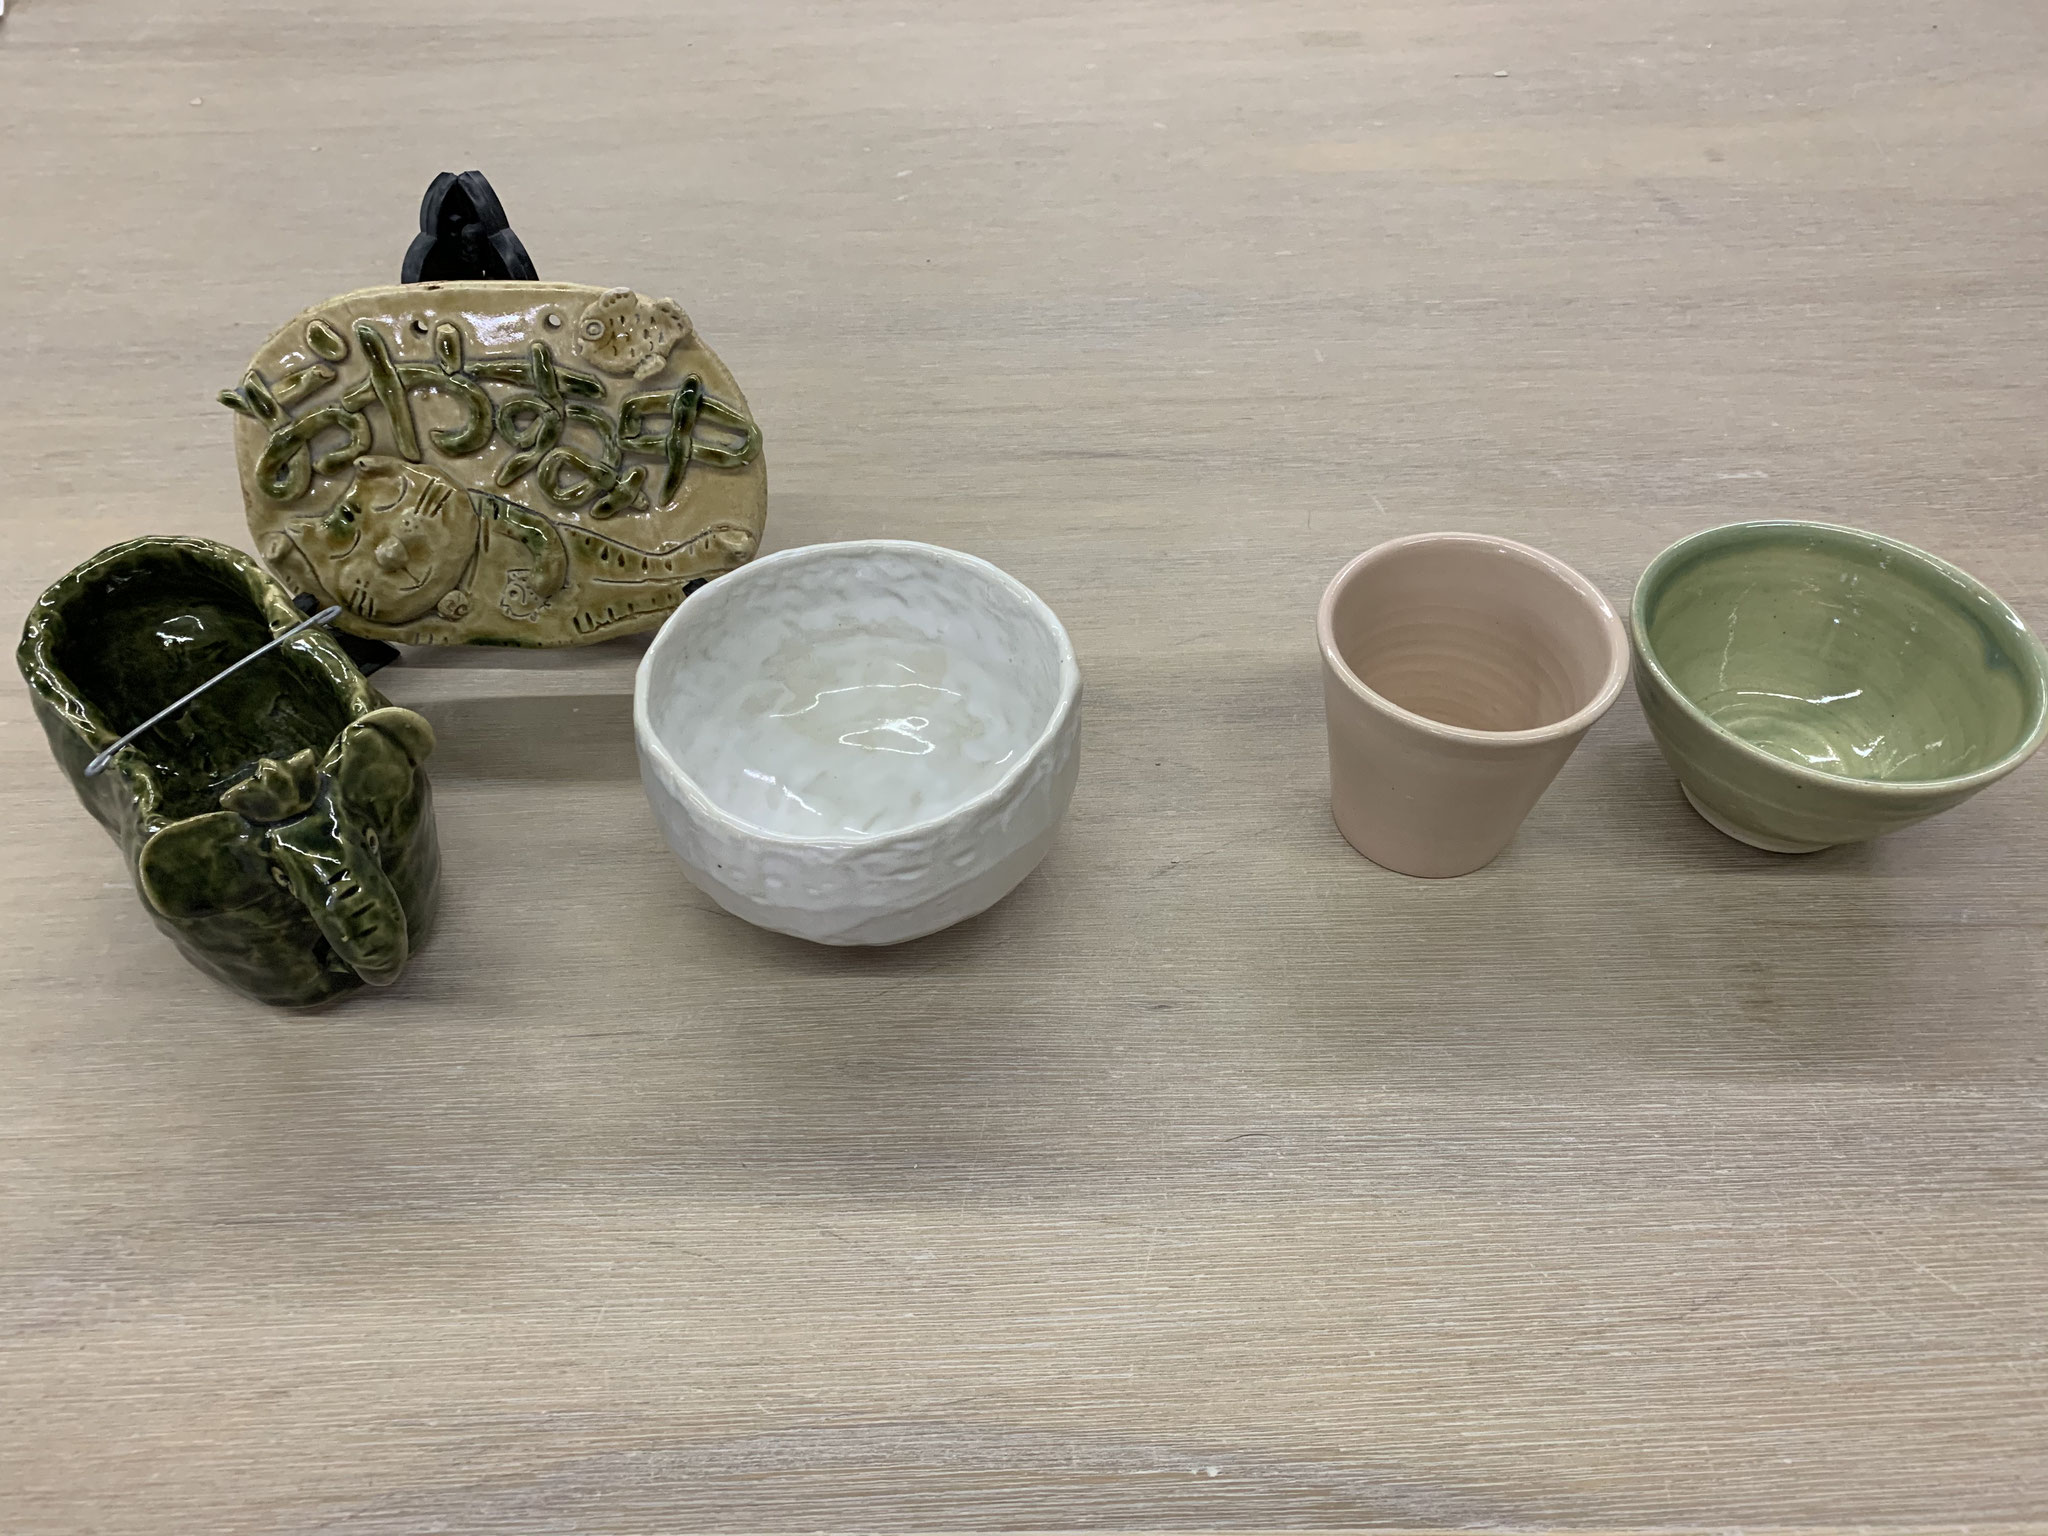 大人Bコース(手びねり自由+ロクロ湯のみor茶碗)